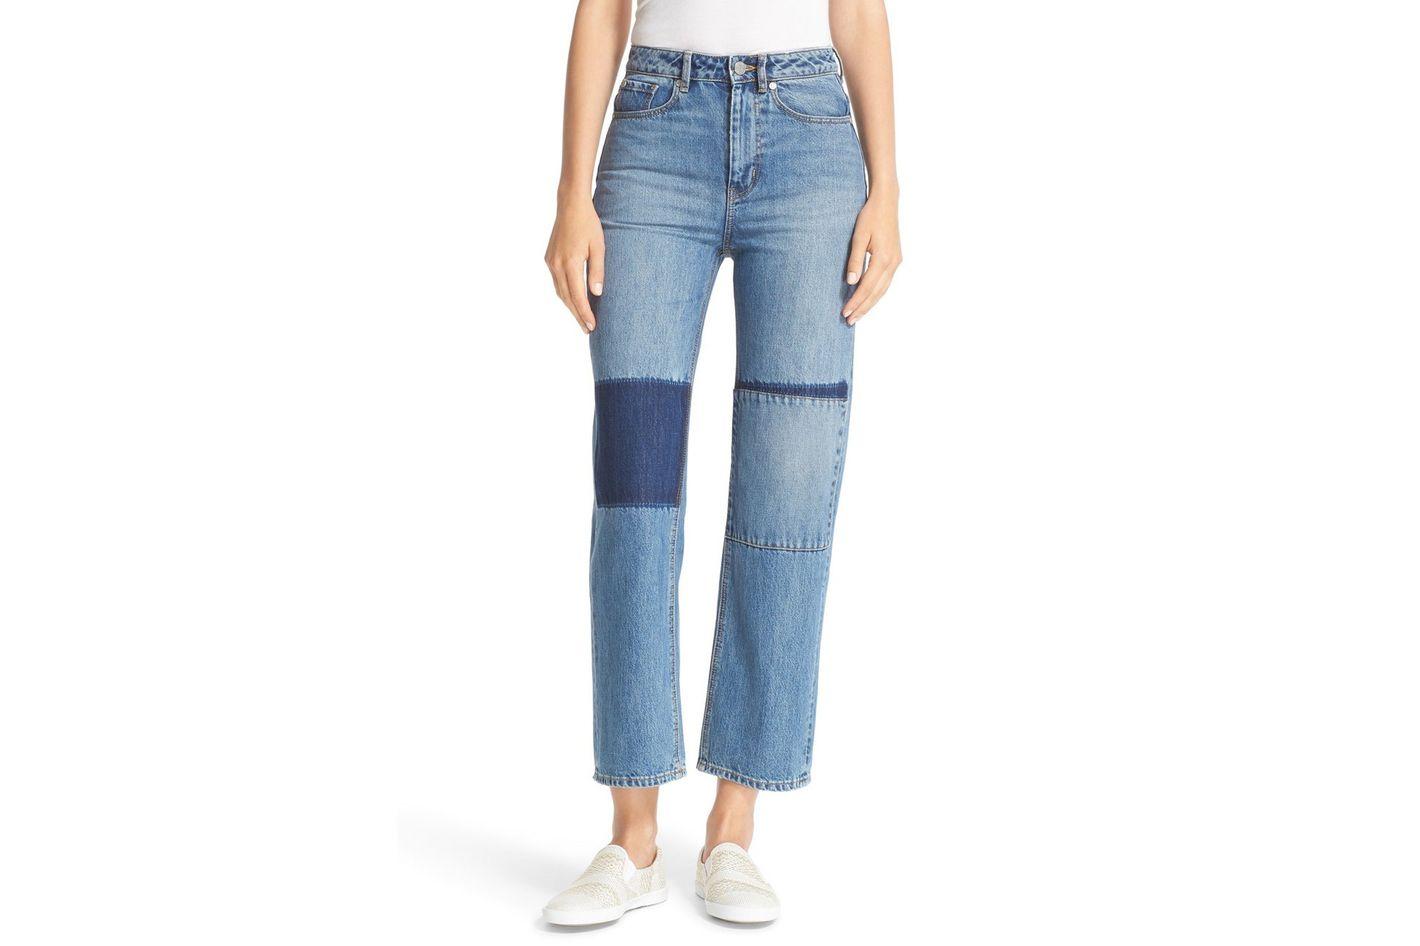 La Vie Rebecca Taylor Anais Jeans